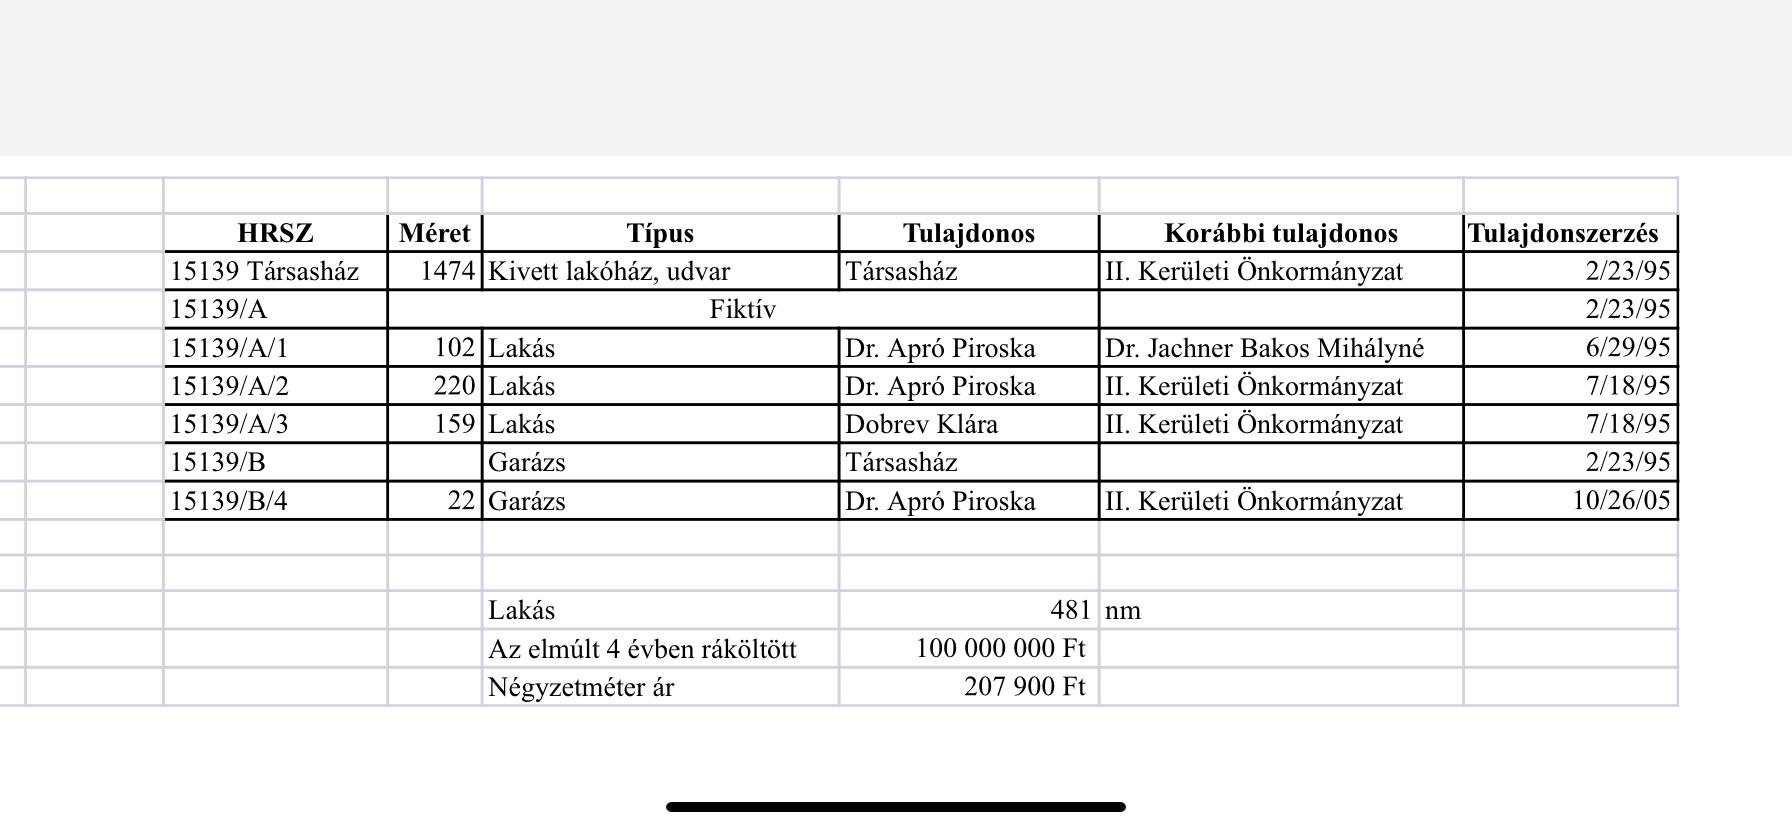 Gyurcsányék házában 100 millió forintból több mint 200 ezer forint jön ki négyzetméterenként egy felújítás esetében